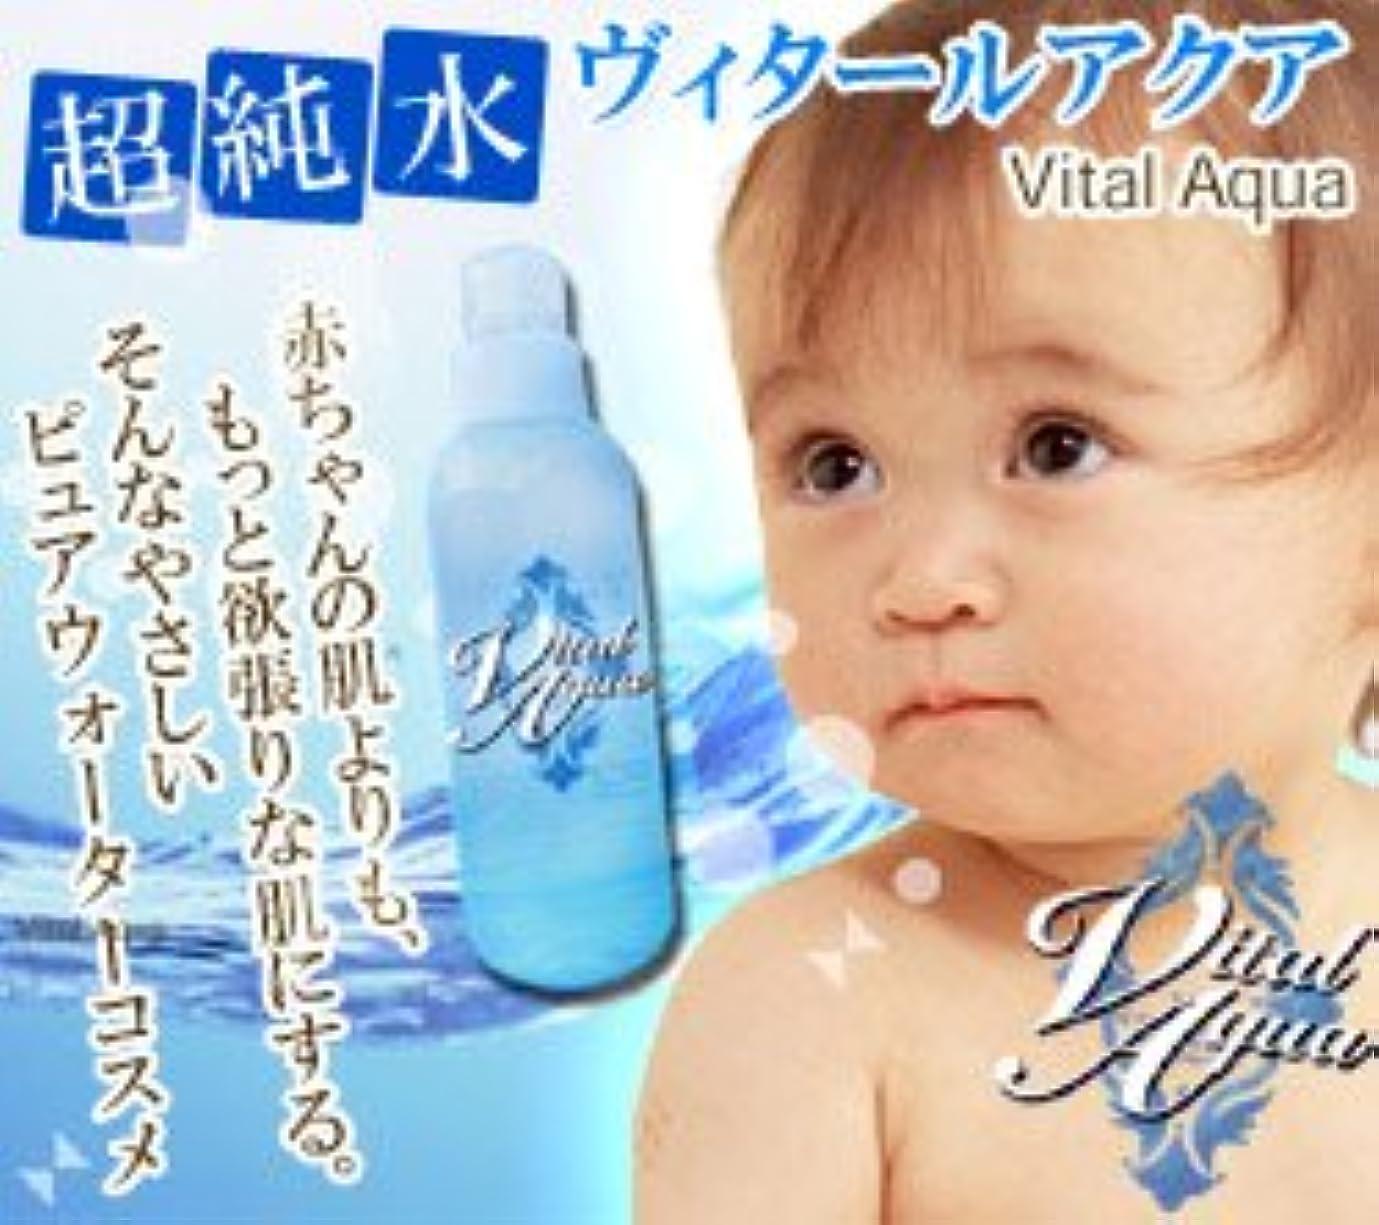 永続バスセマフォ超純水化粧水 ヴィタールアクア200ml